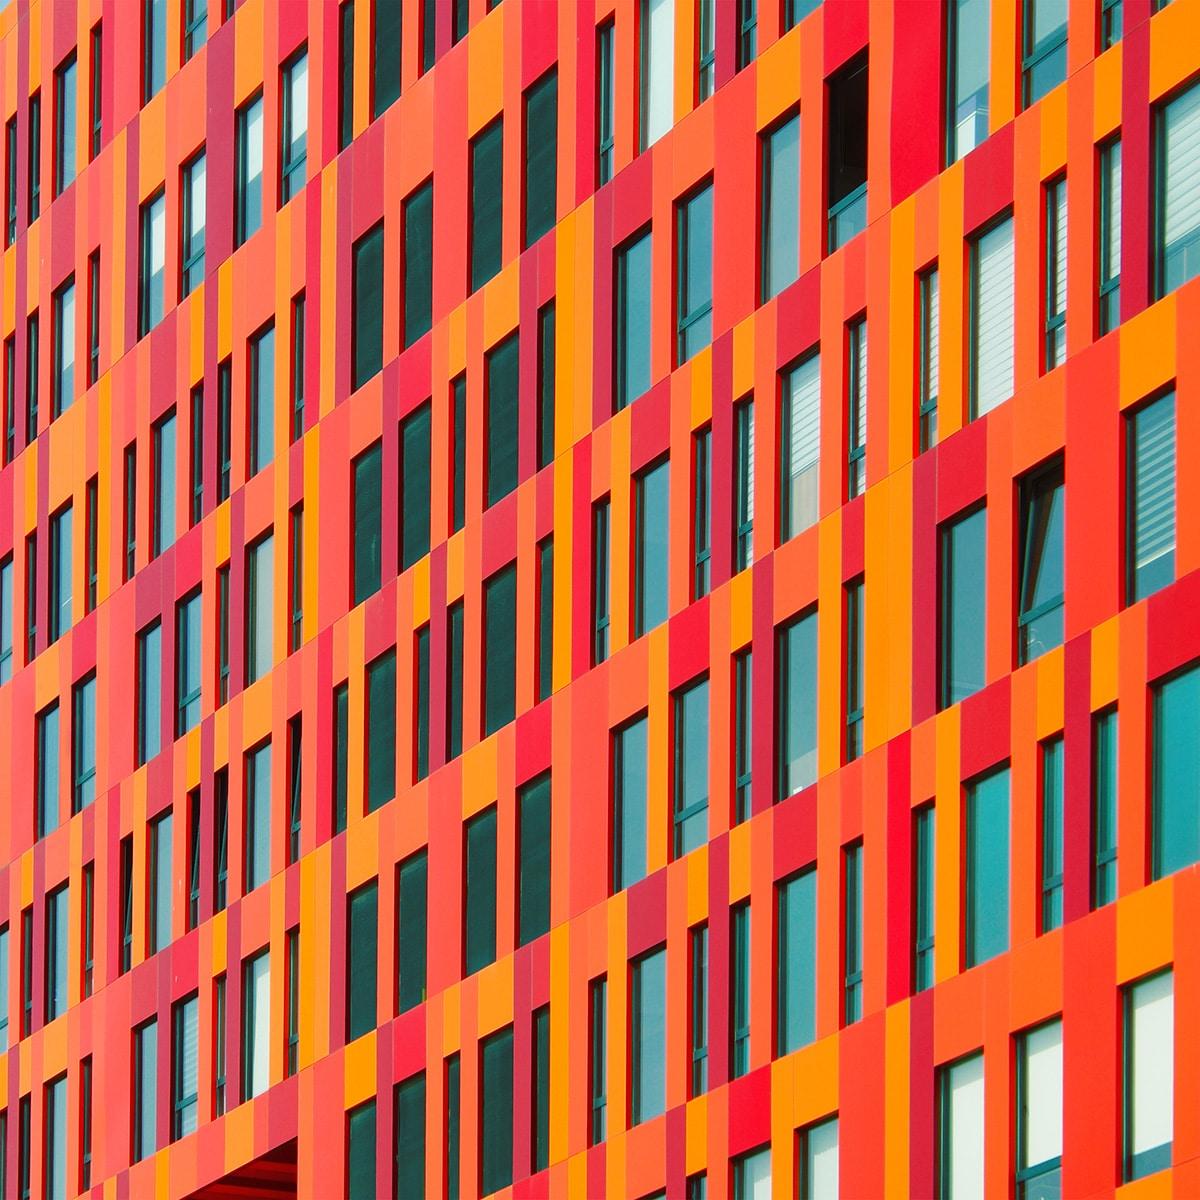 Multicolor Architecture